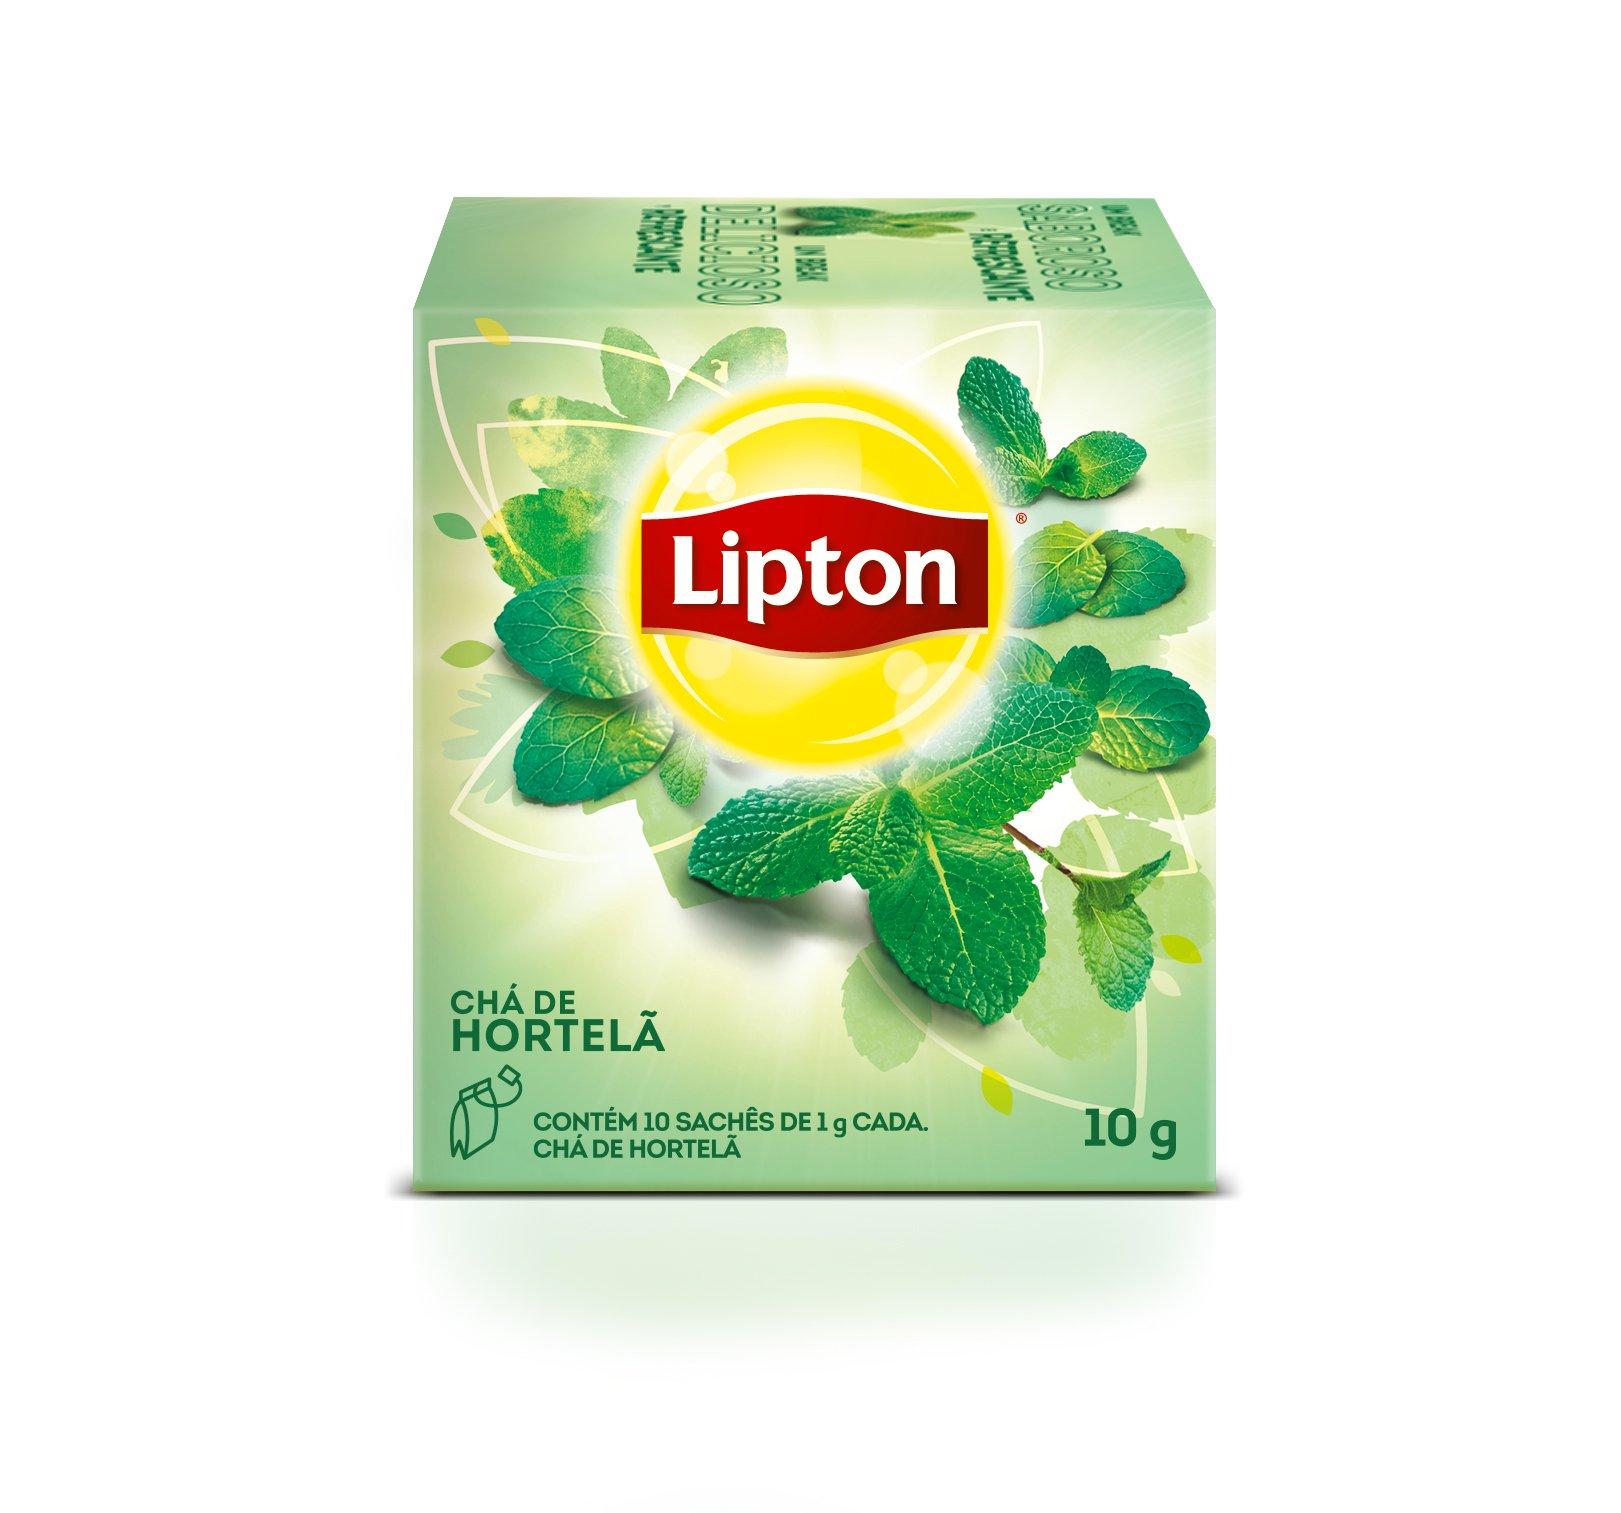 Chá Lipton - Hortelã